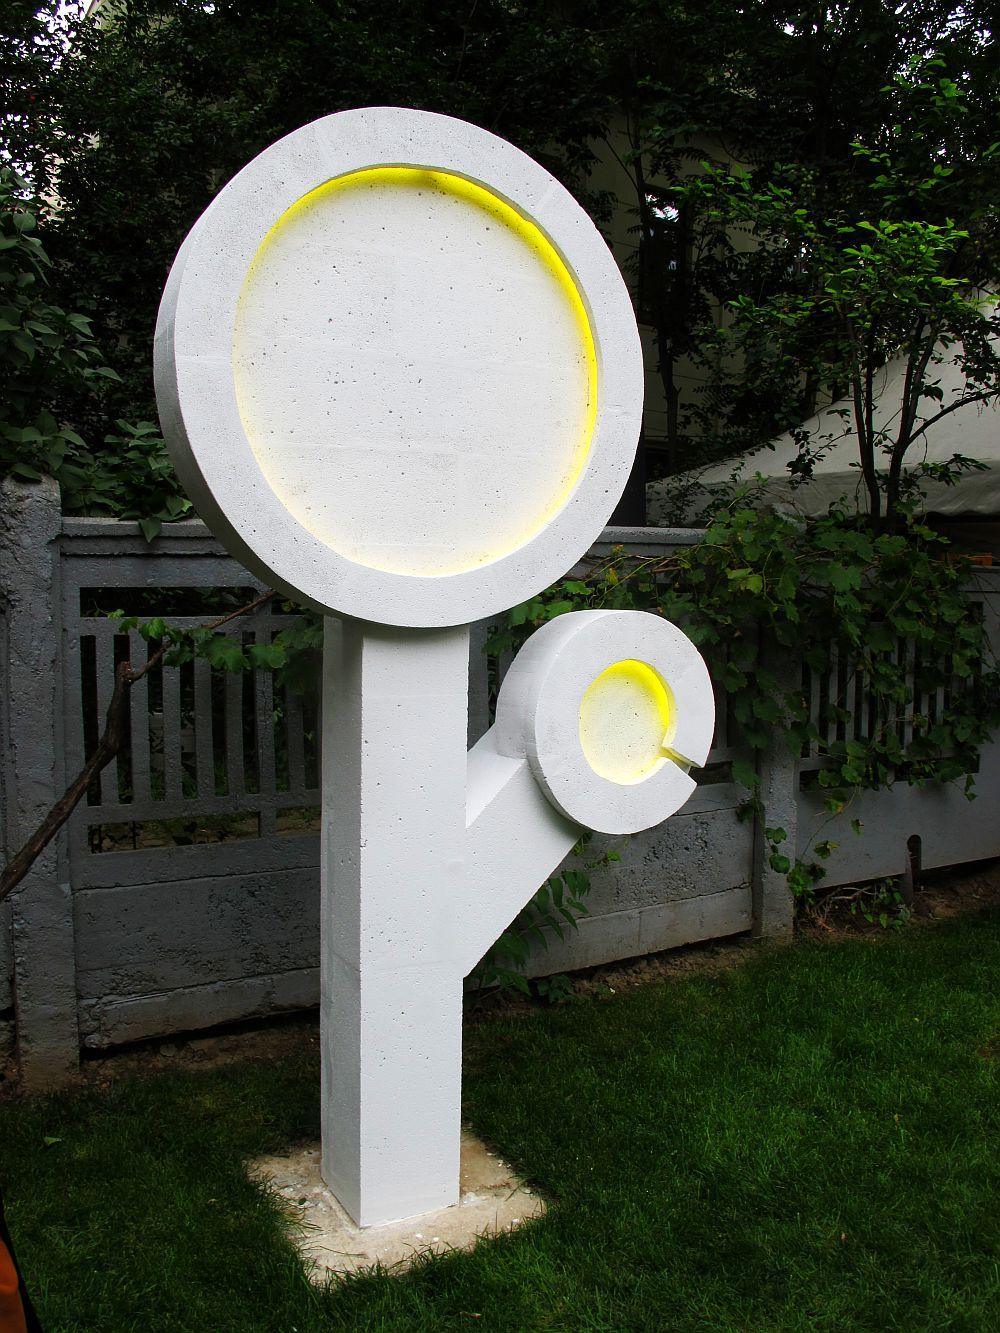 adelaparvu.com despre expozitie cu obiecte din BCA la SoLemn, designeri Anca Fetcu si Cristina Curelea (10)